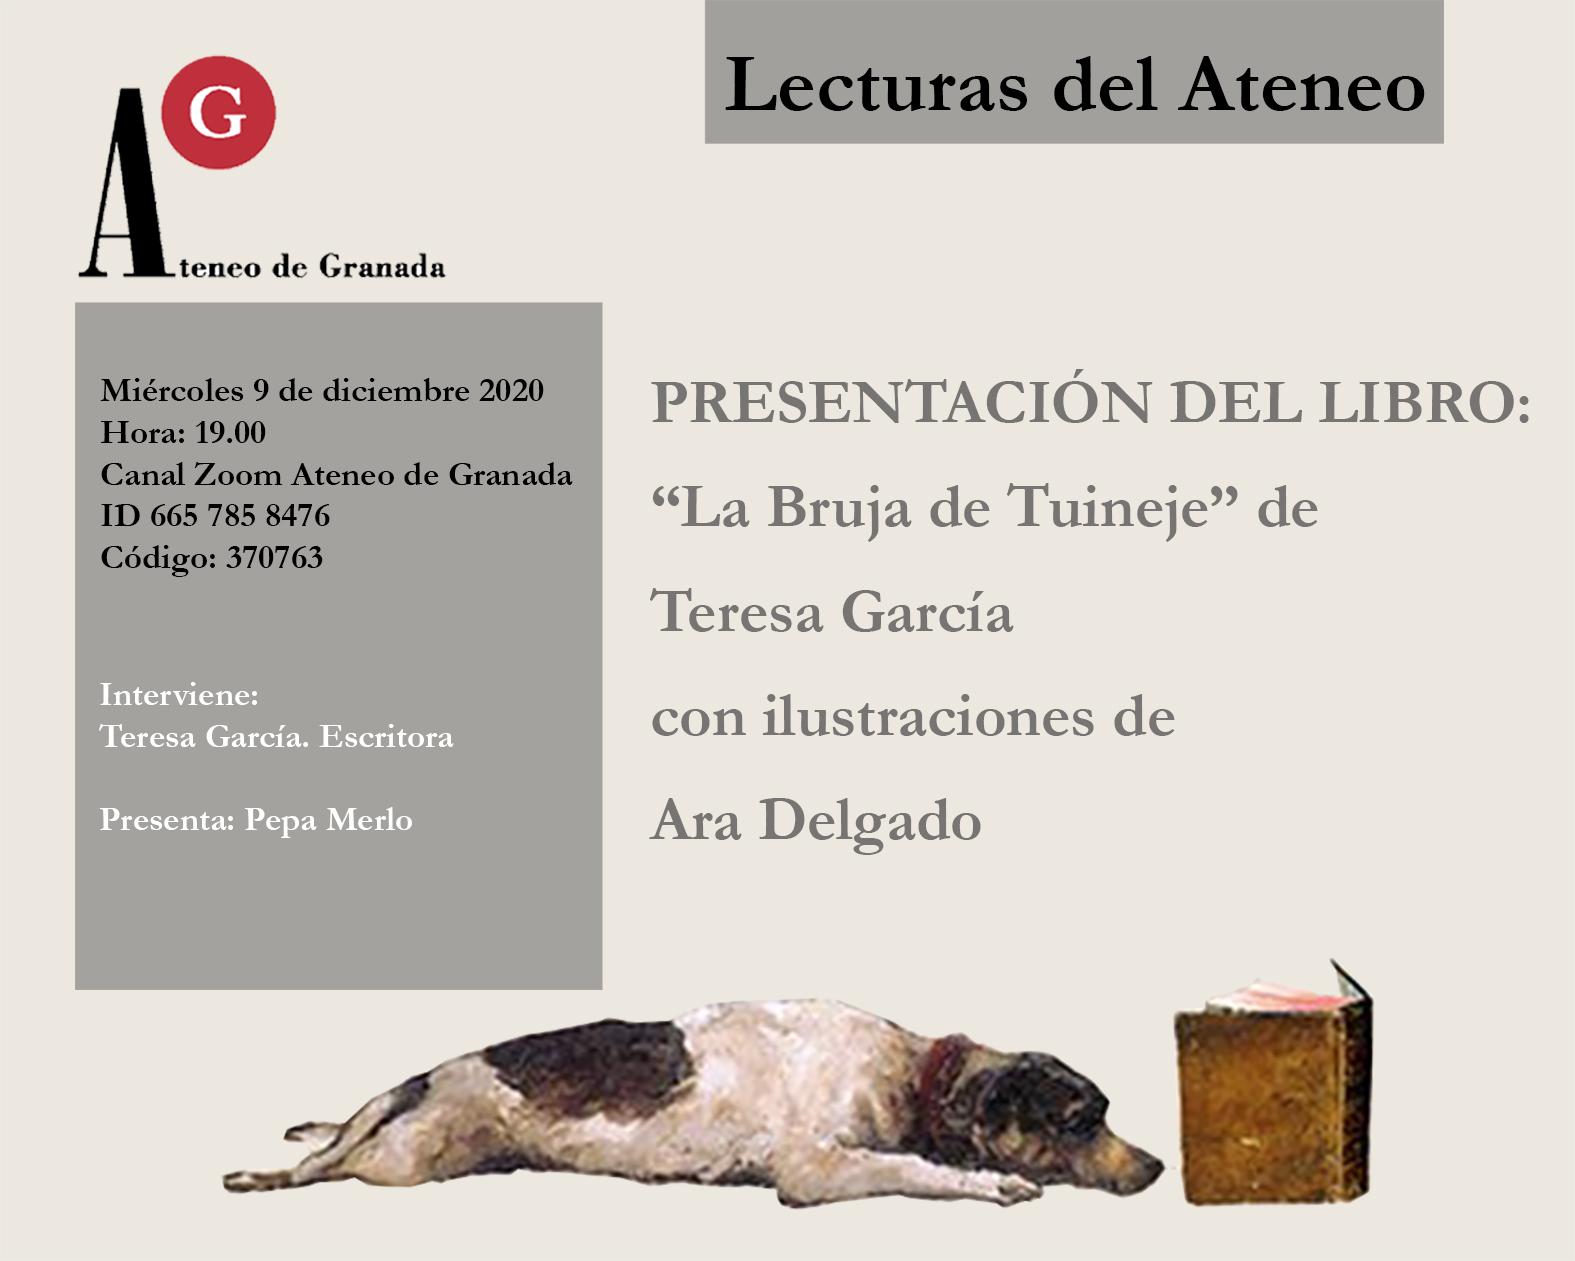 Presentación del libro: «La Bruja de Tuineje» de Teresa García ilustrado por Ara Delgado